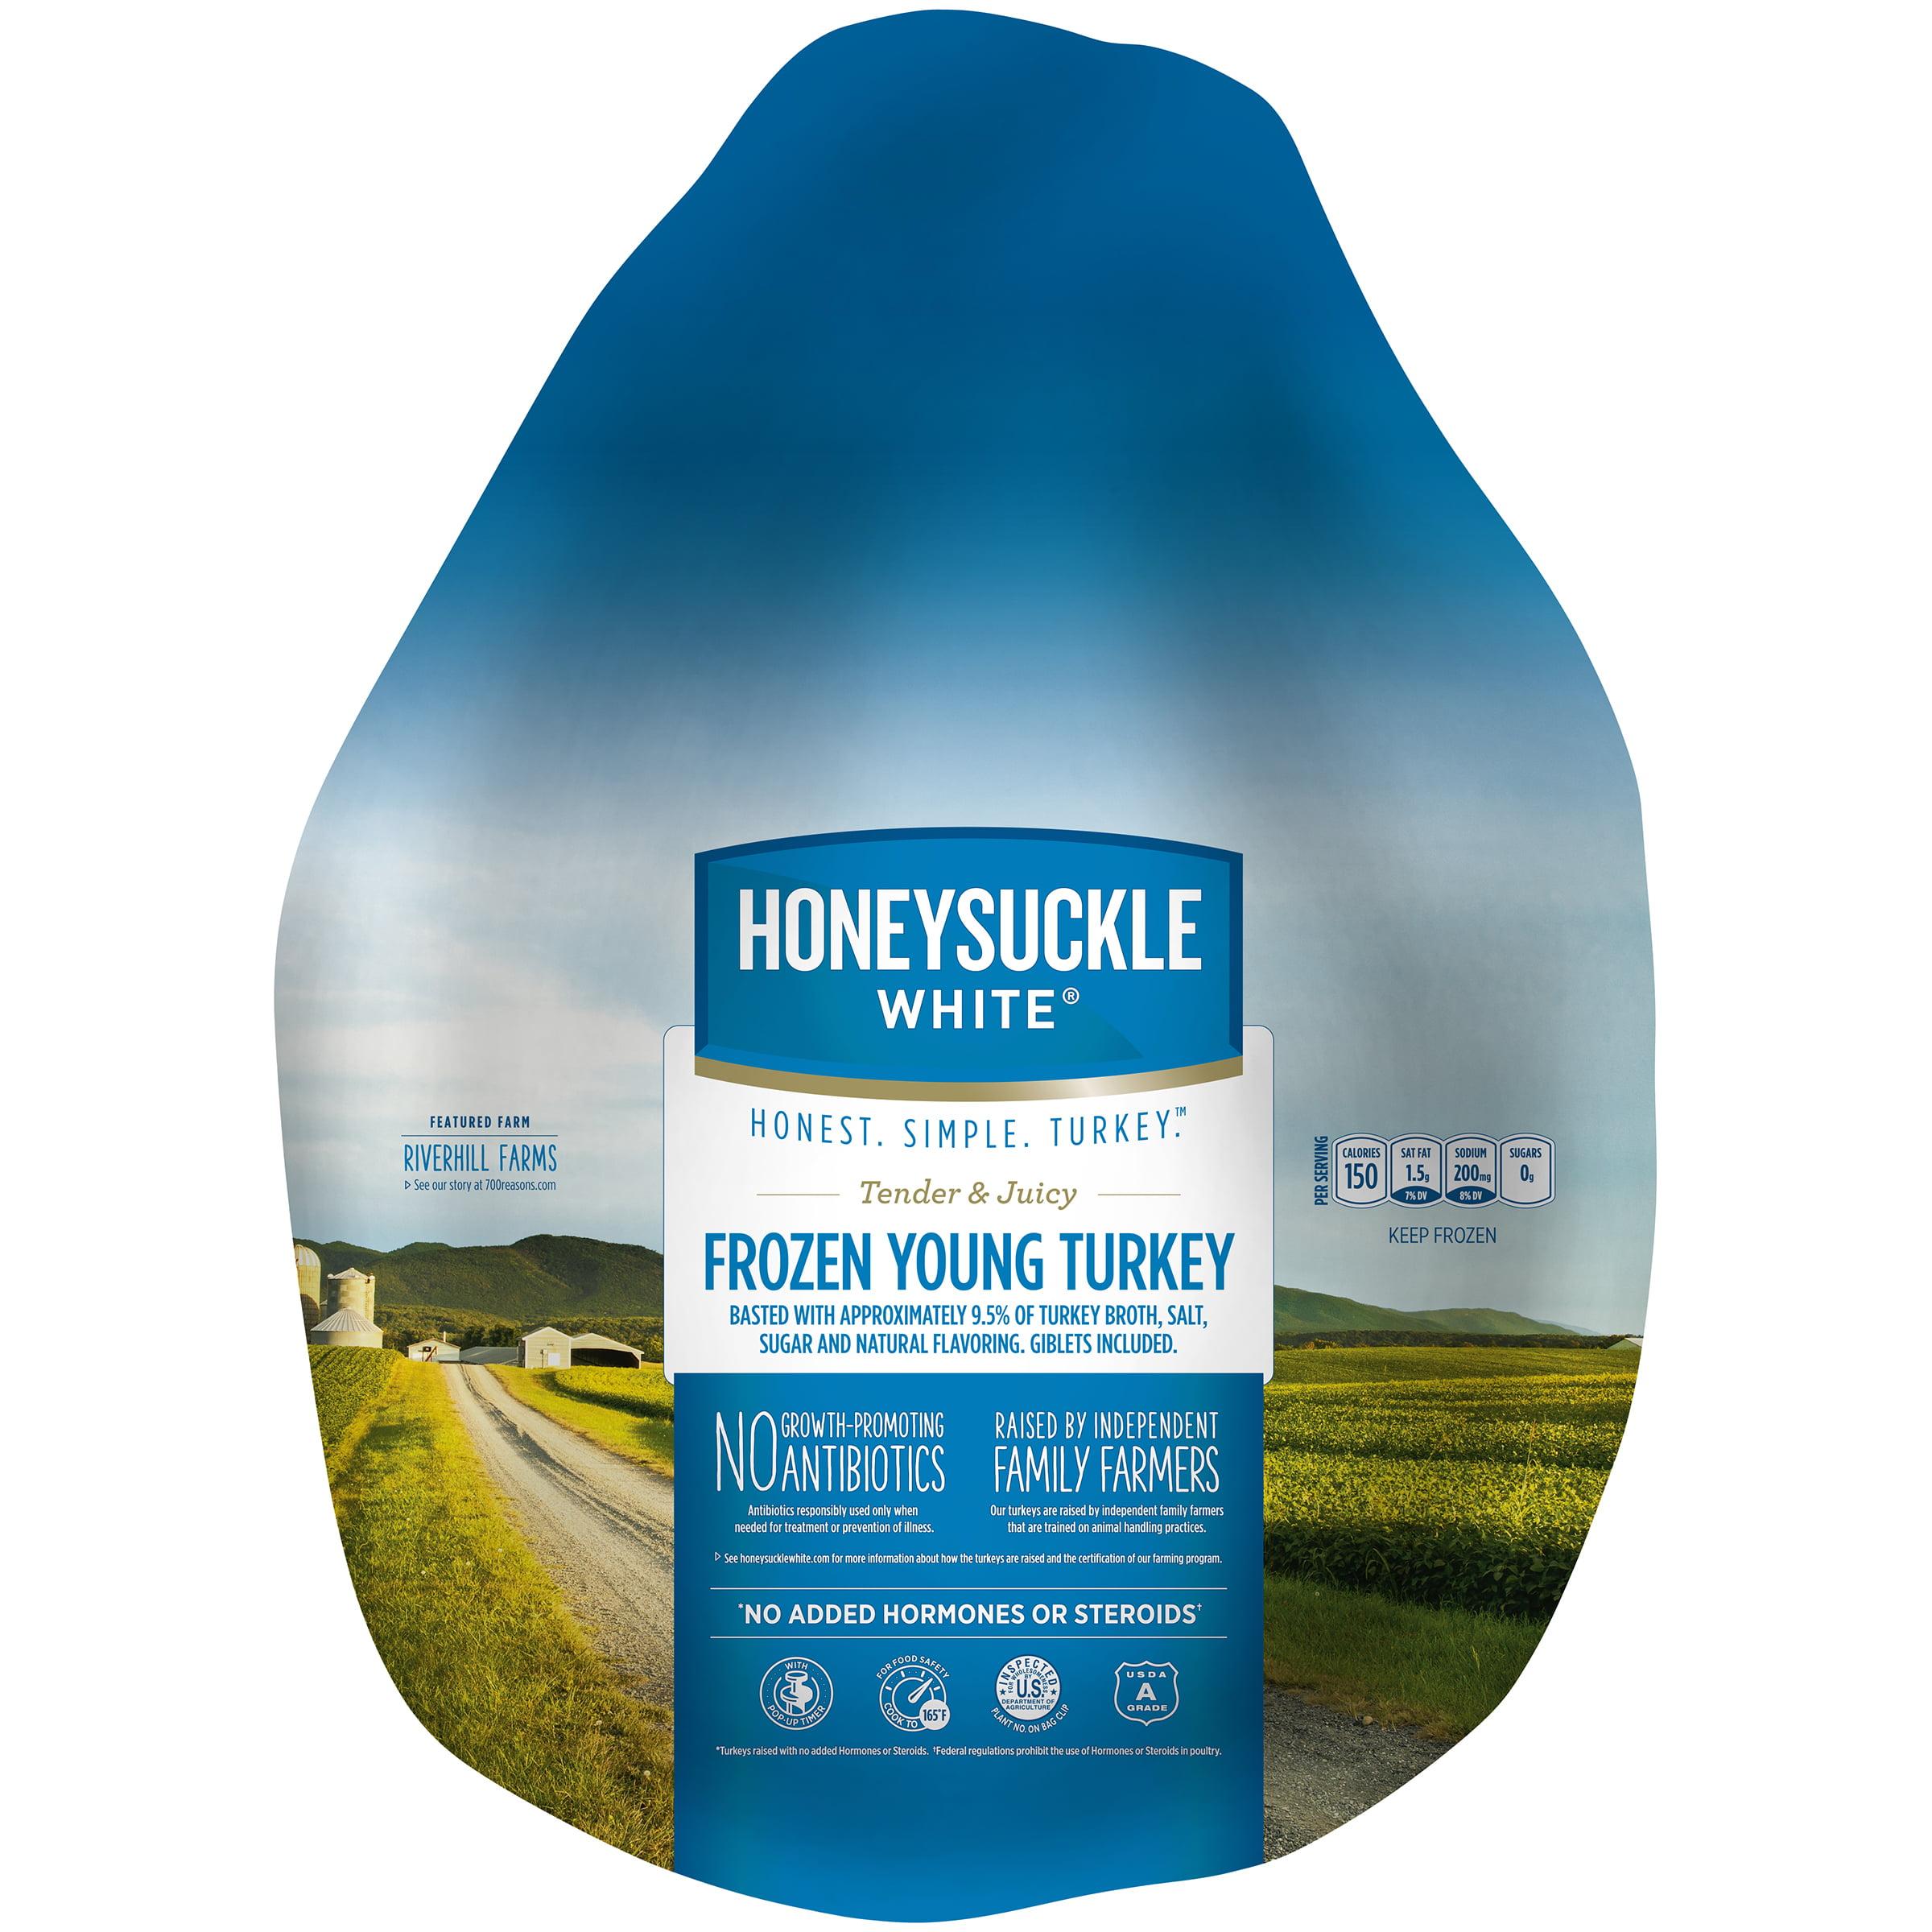 Honeysuckle White Frozen Young Turkey, 10.0-16.0 lb